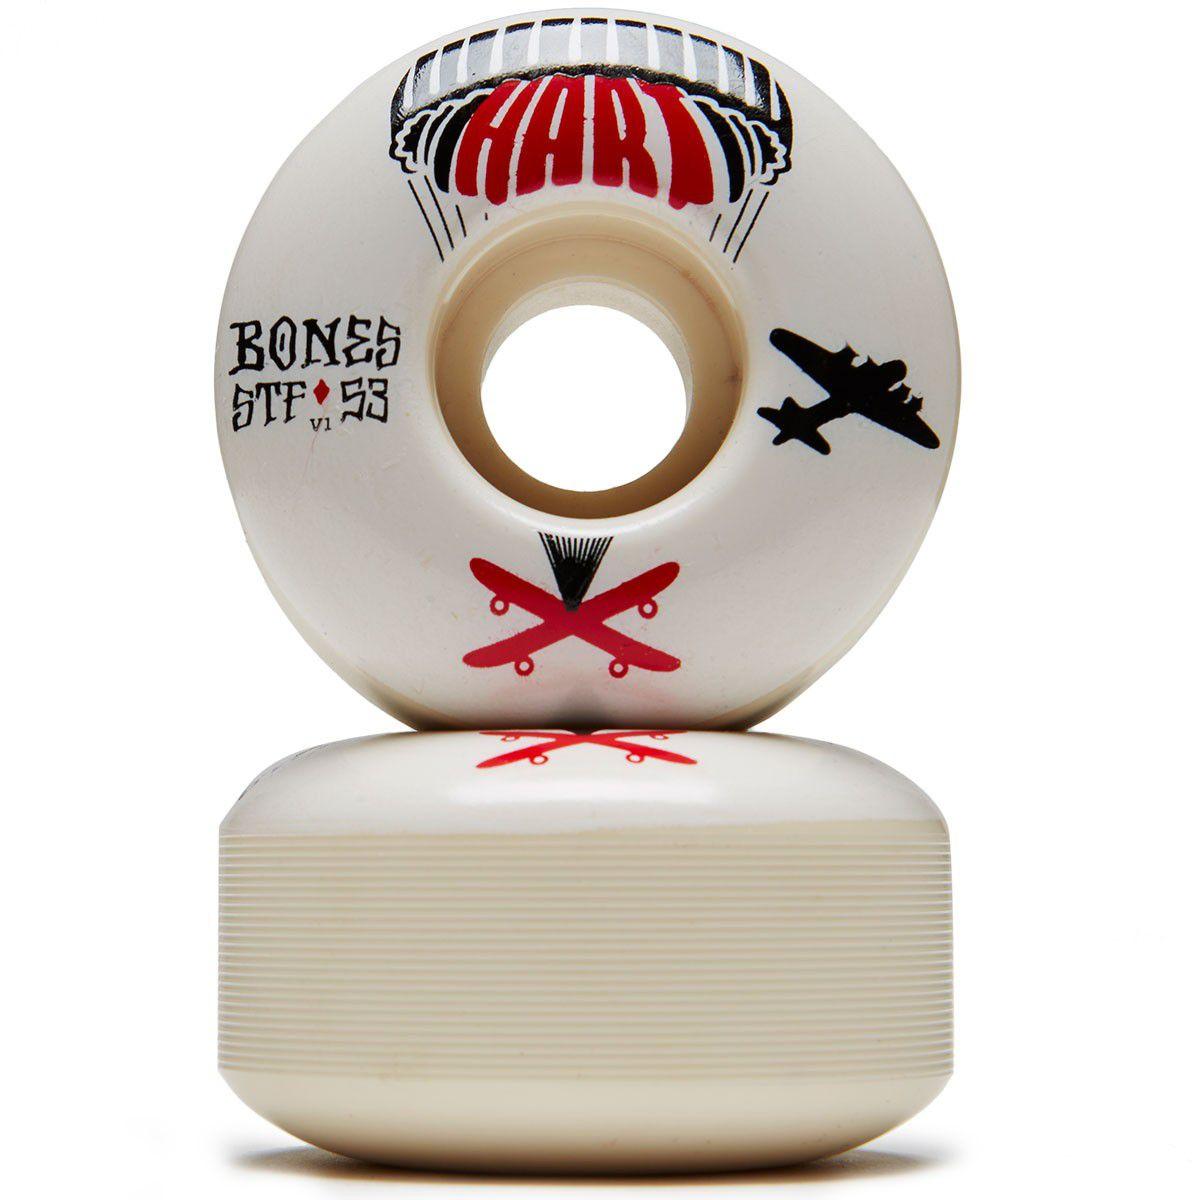 Roda Bones STF V1 Hart Drop Boards 53mm